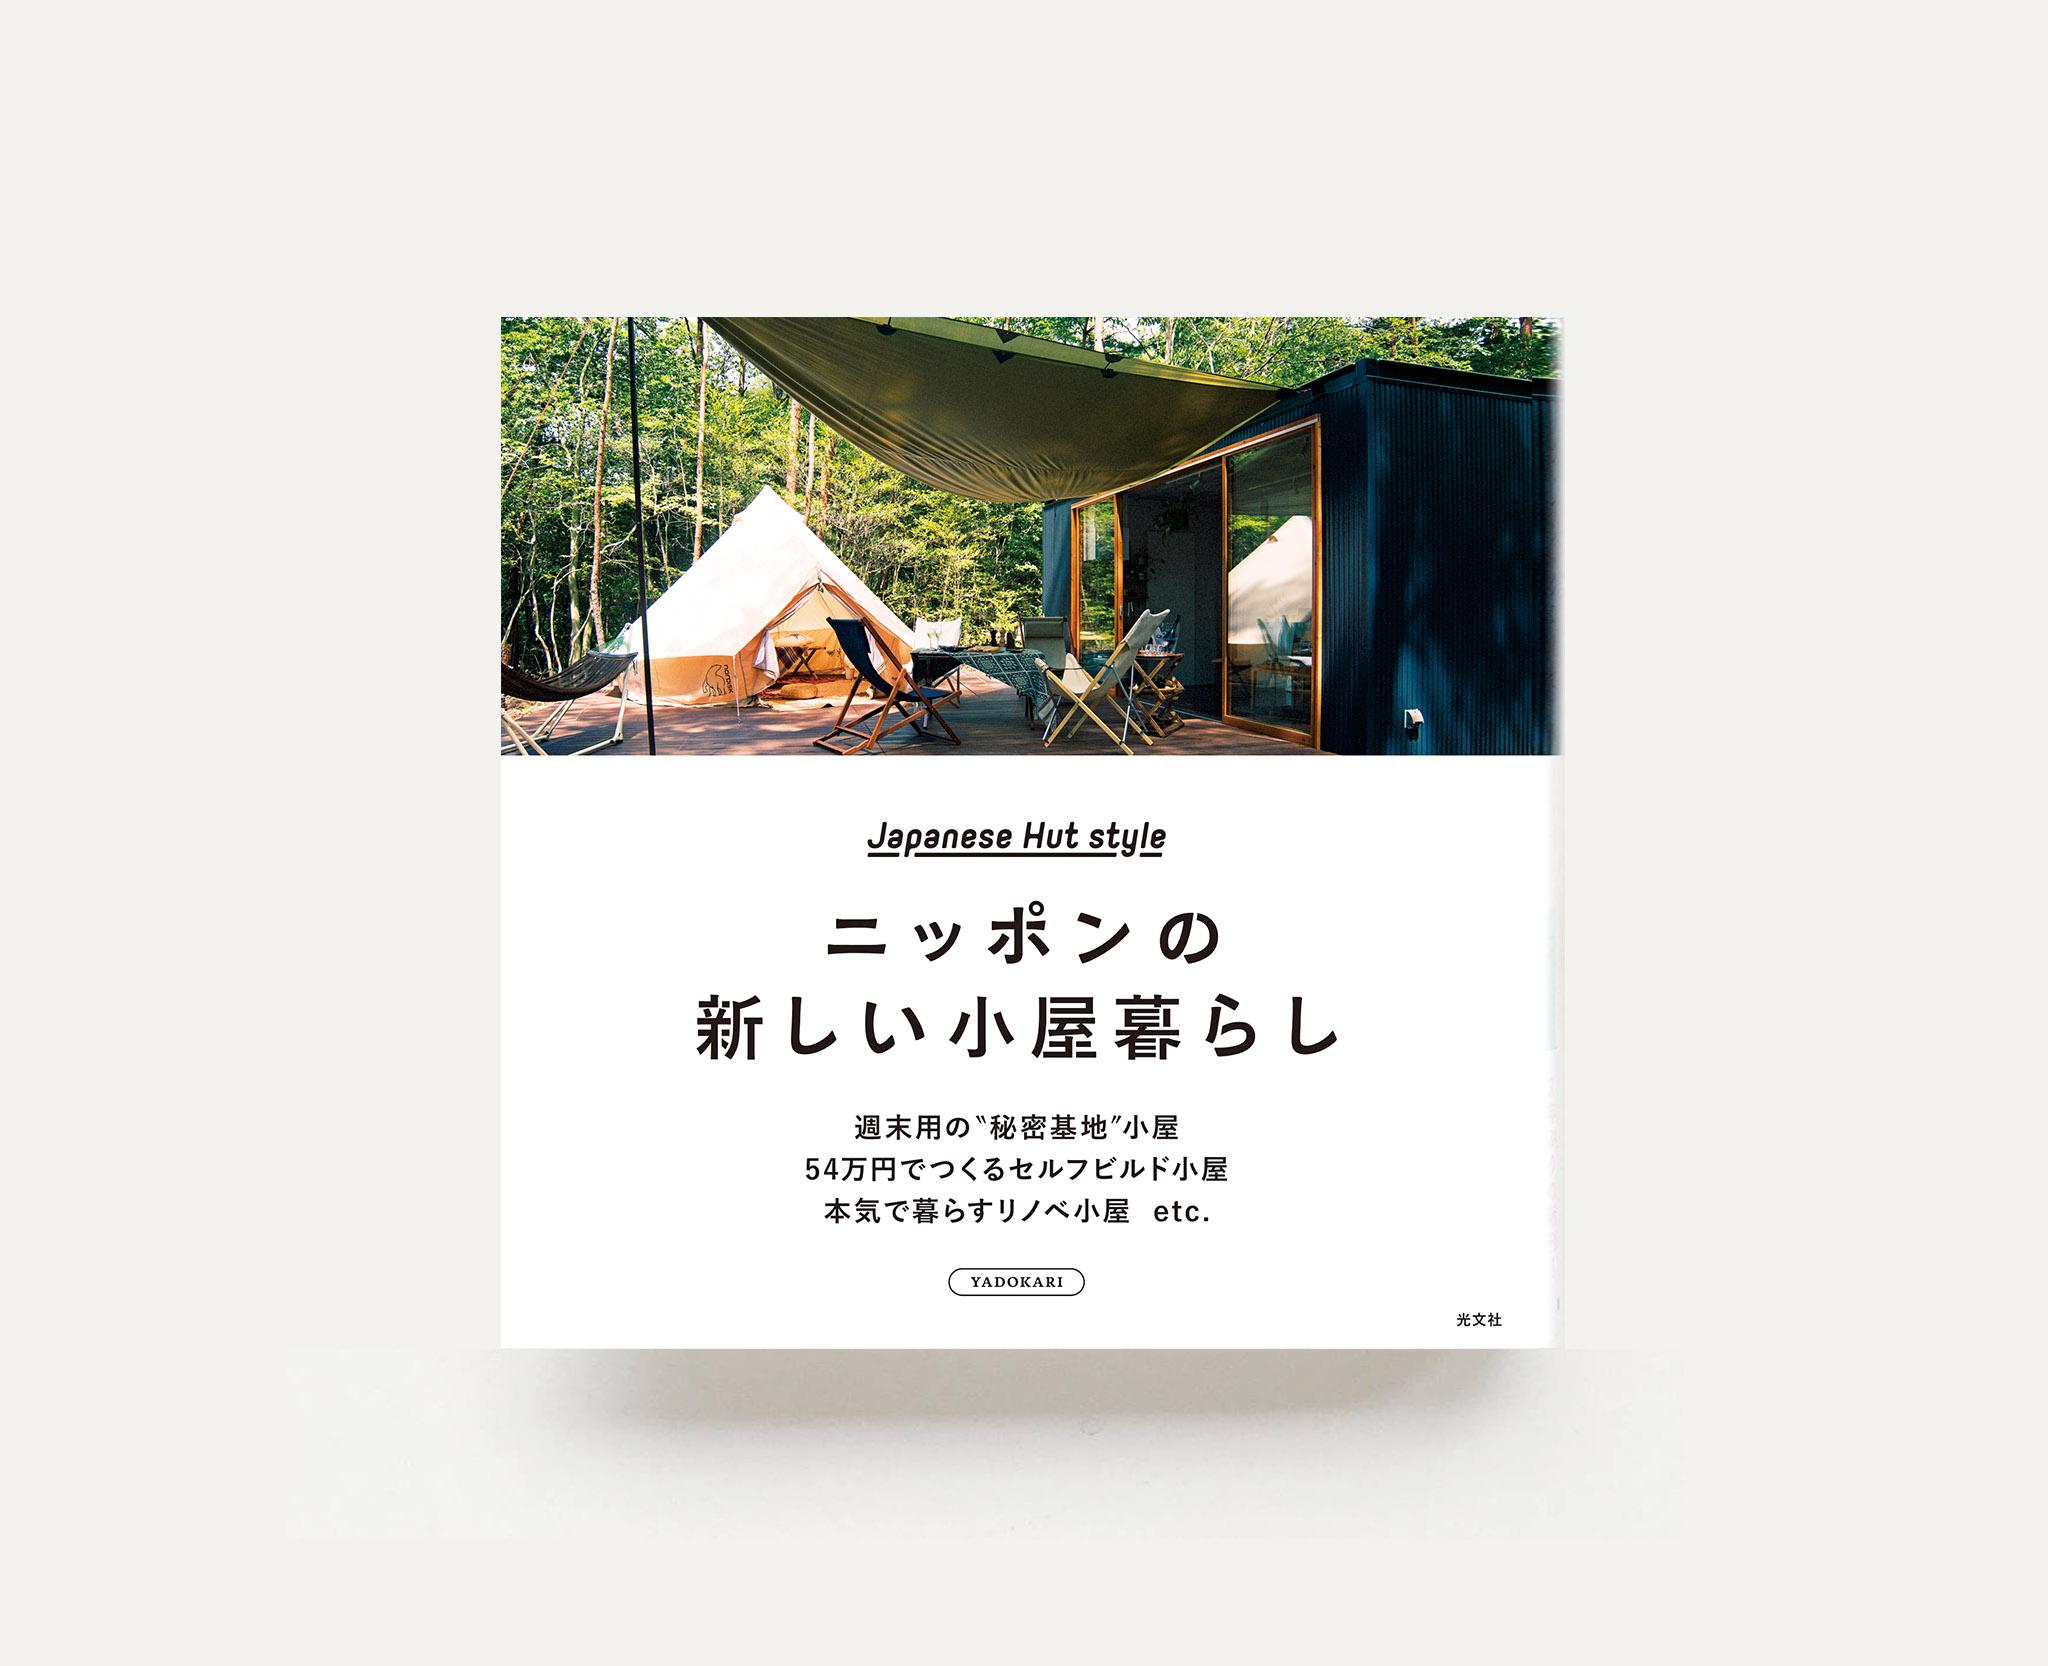 【7/20発売】YADOKARIの新著『ニッポンの新しい小屋暮らし』(光文社)が発売。Amazonで予約受付中!